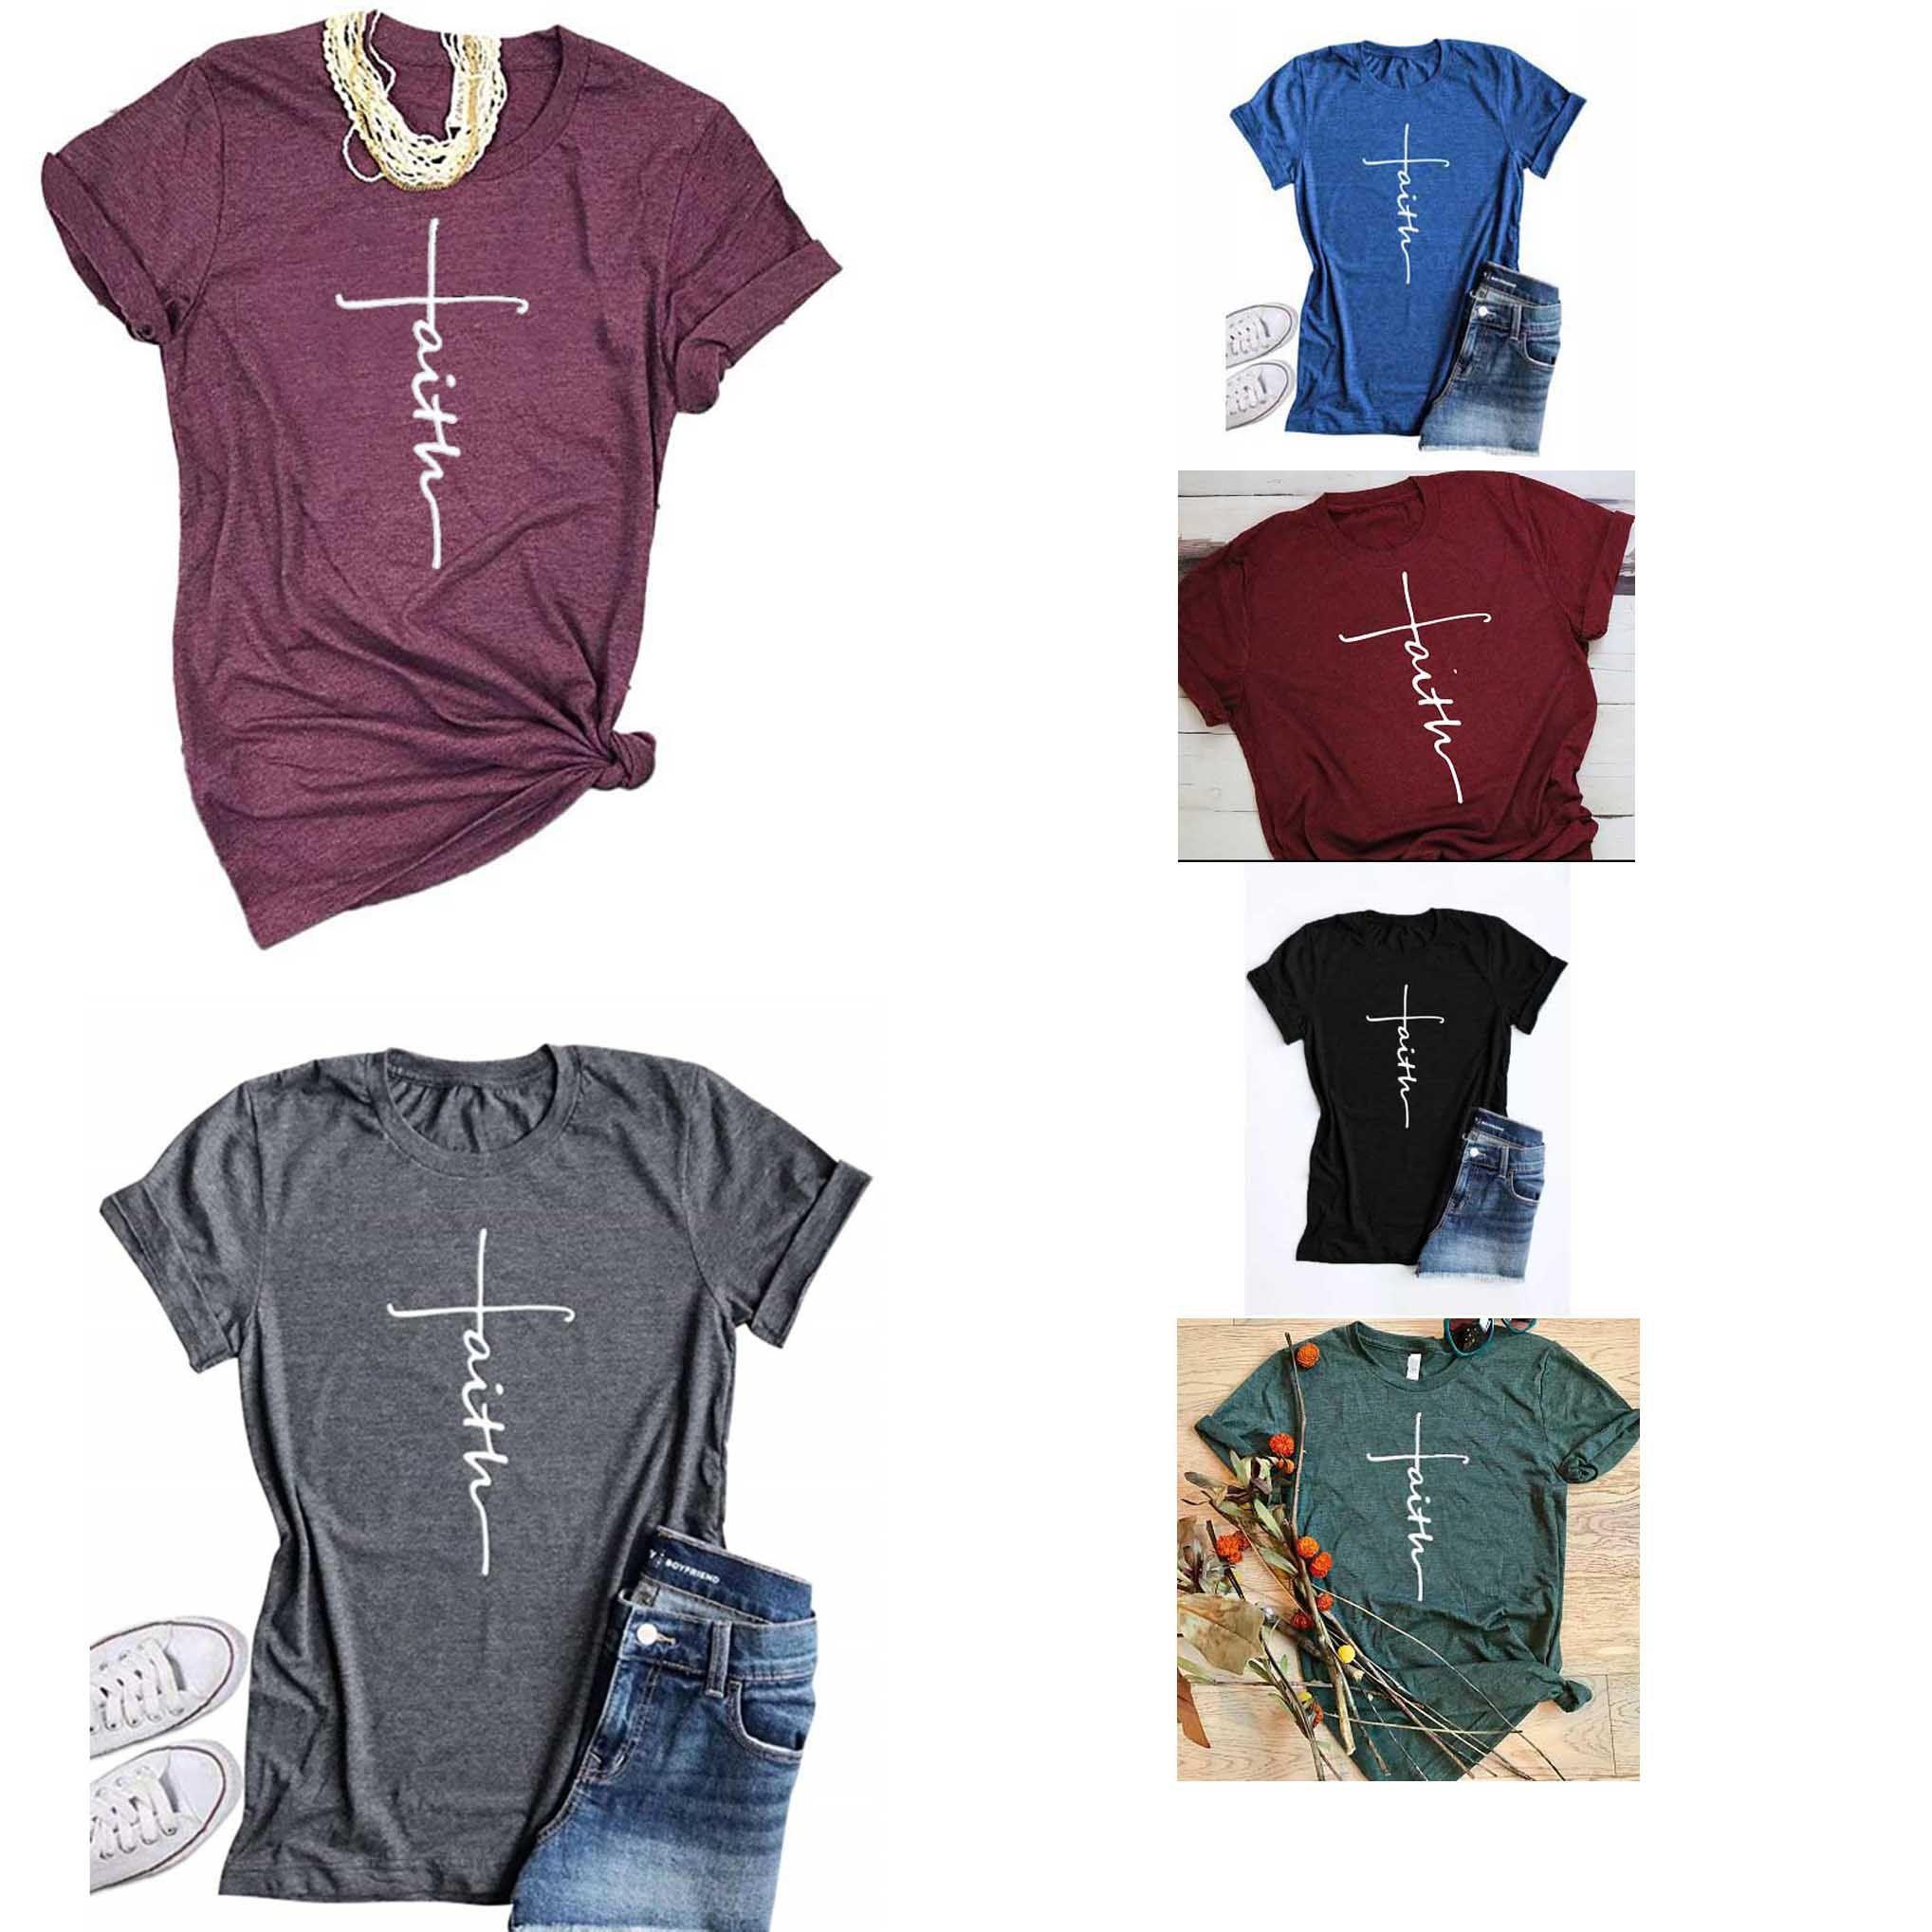 Womens Designer T-shirt Lettre foi Impression Hauts Casual New court sleevs 2020 Summer Femmes Vêtements de créateurs de luxe 6 Couleurs